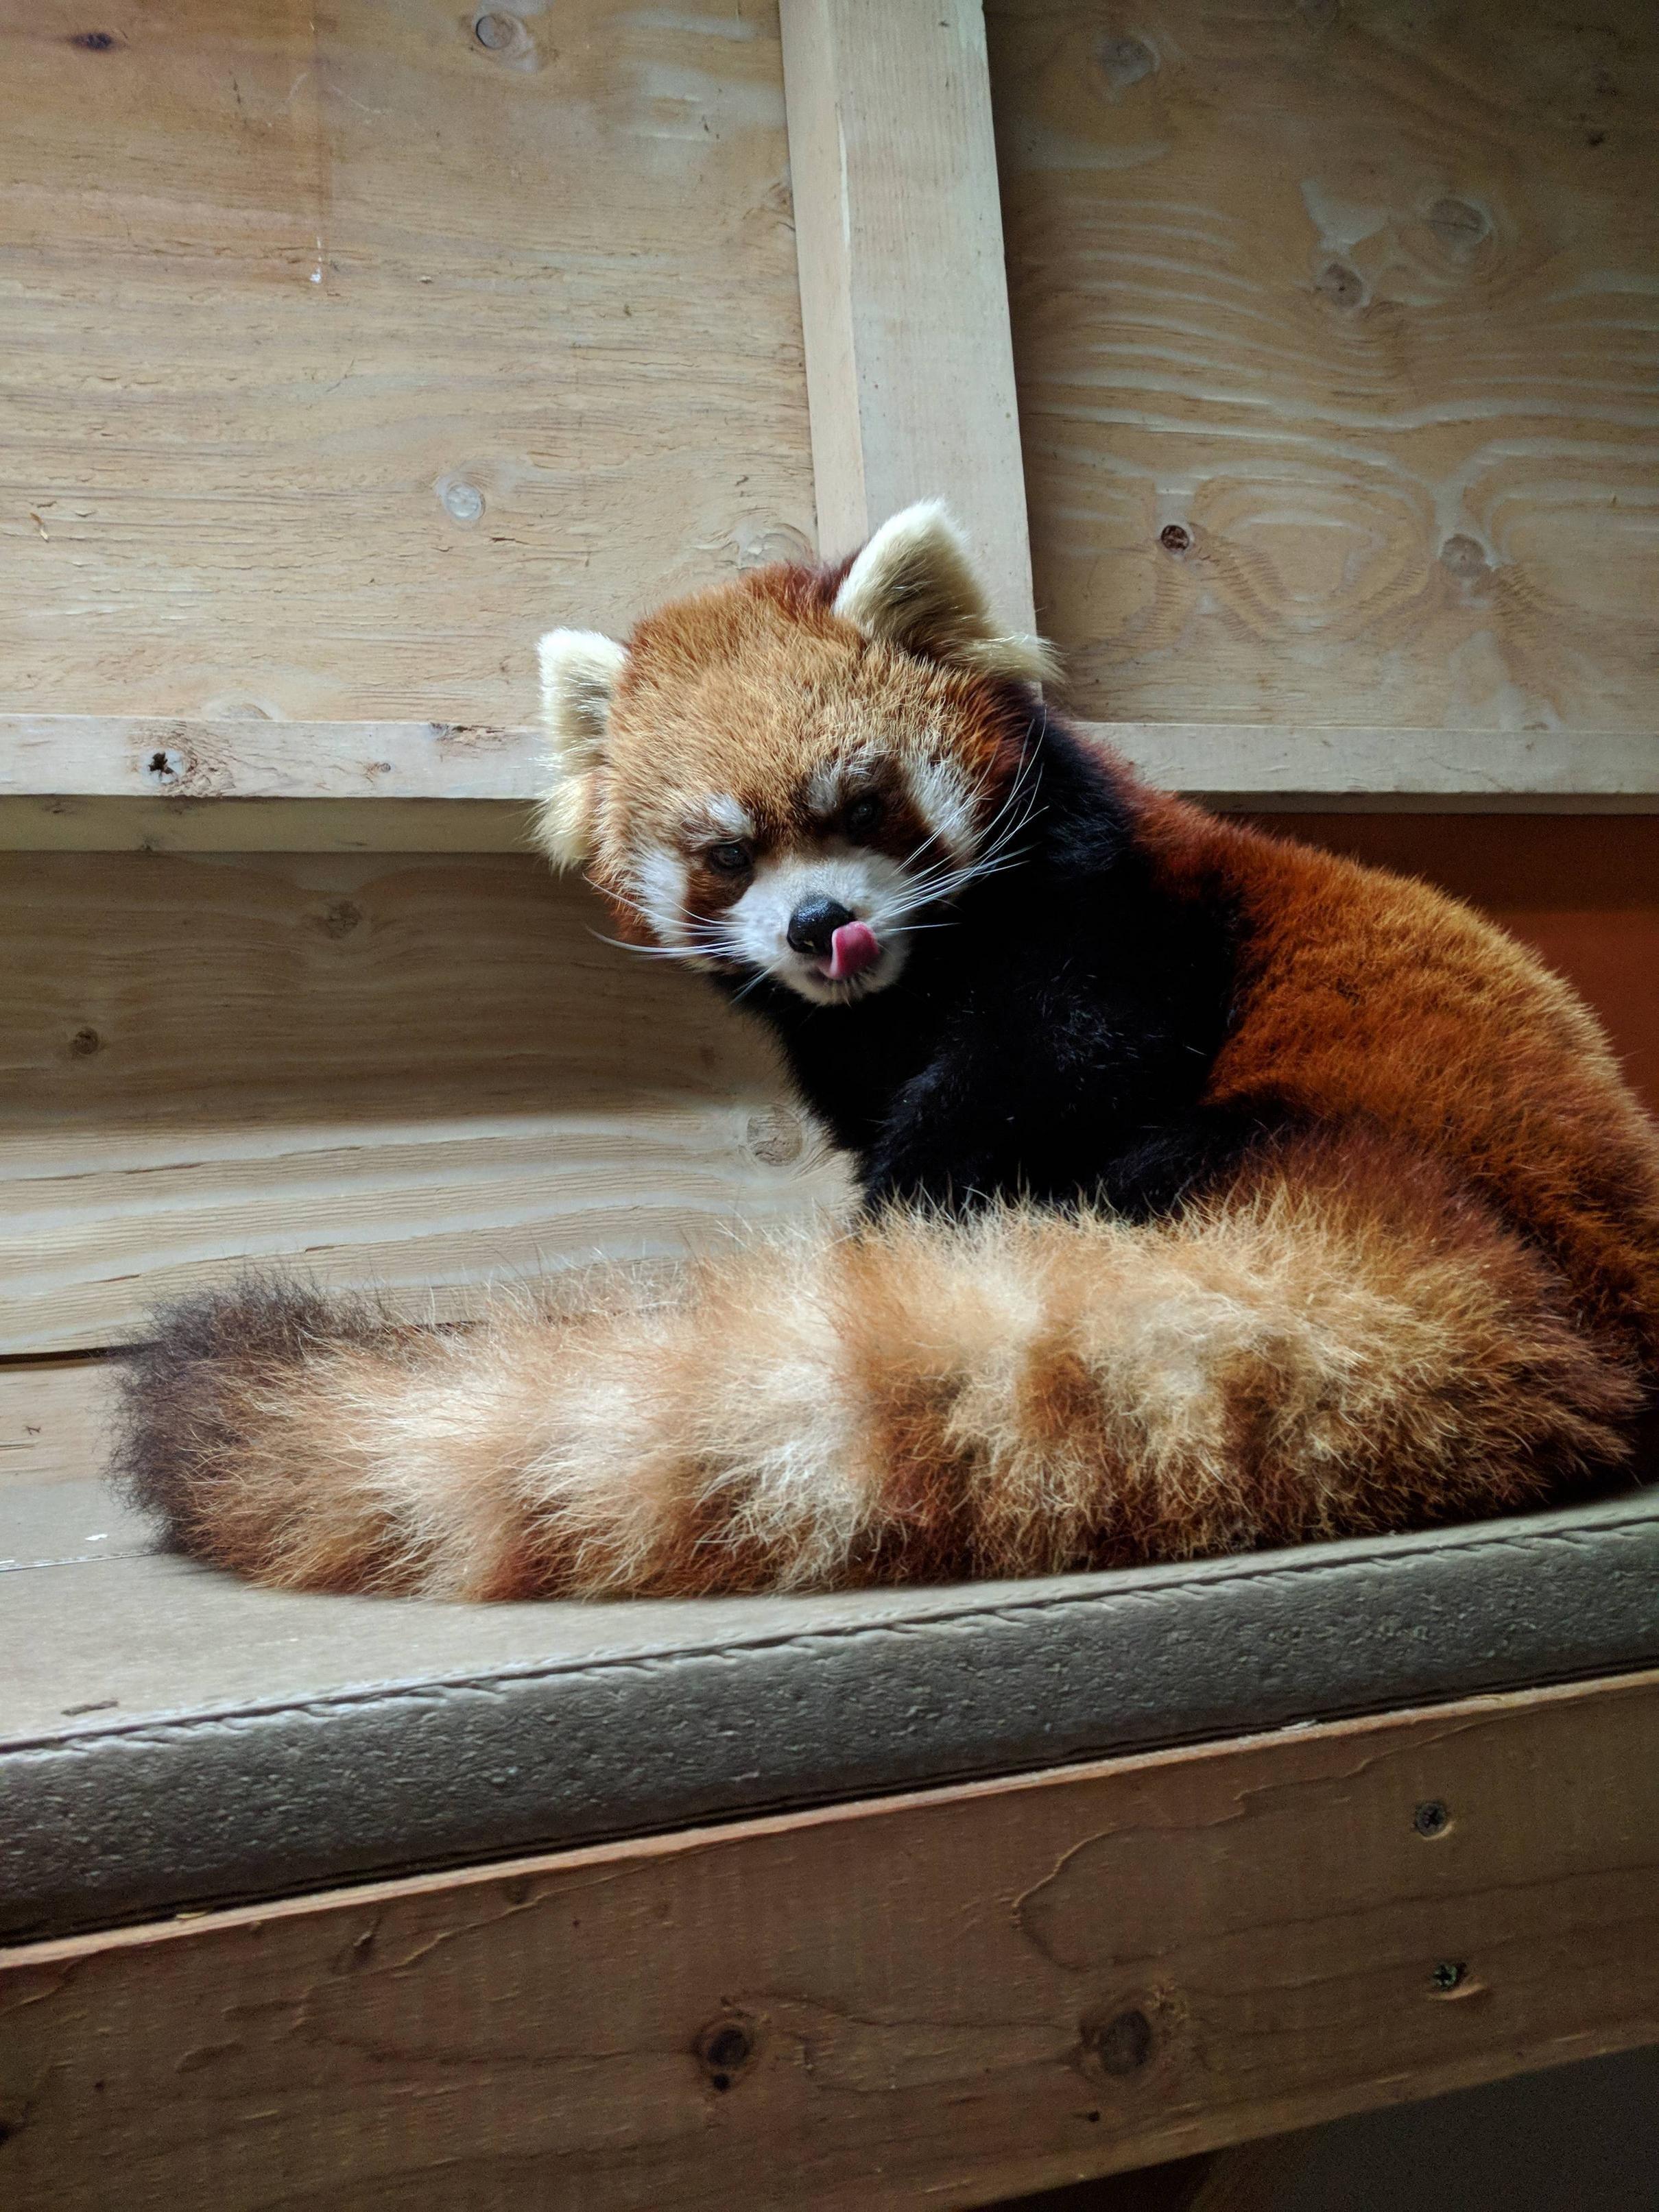 Please Follow Iloveredpandas Yukiko Woodland Park Zoo Seattle Wa Redpanda Panda Cutebear Bear Animal Firefox Panda Pandabear Panda Vermelho Panda